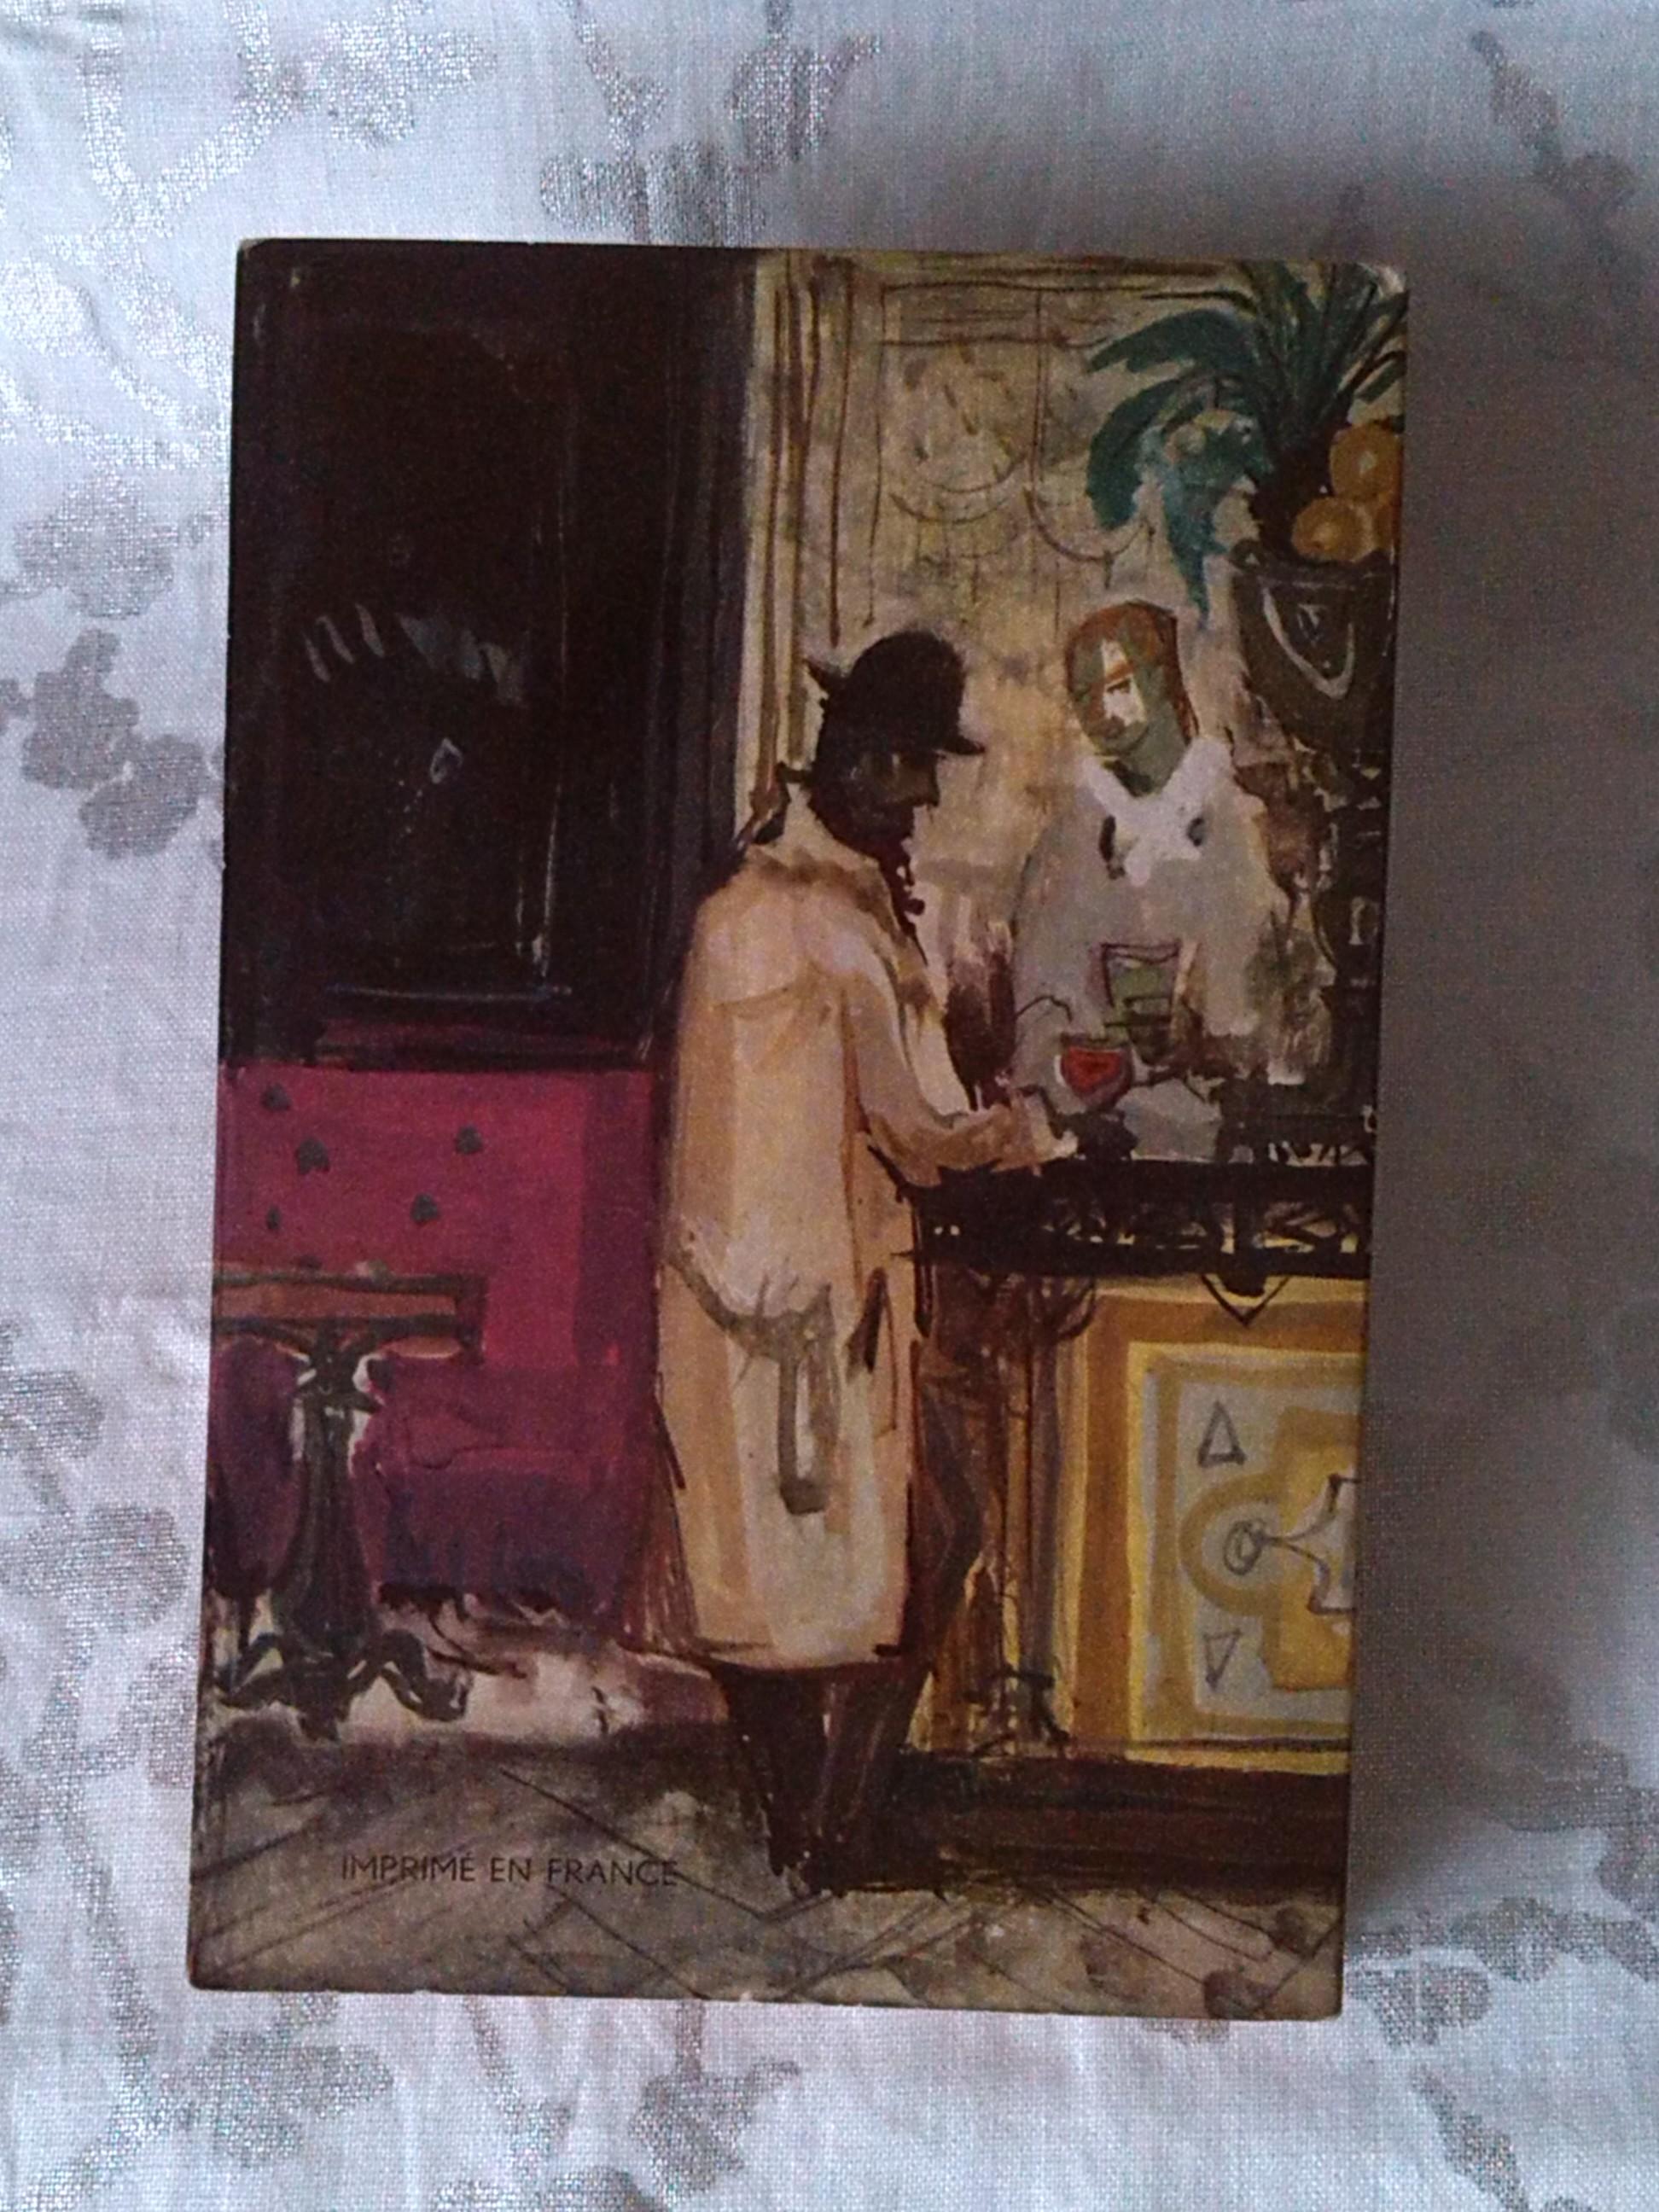 Jesus la Caille, lecture pour adultes en vente chez Zappandoo.